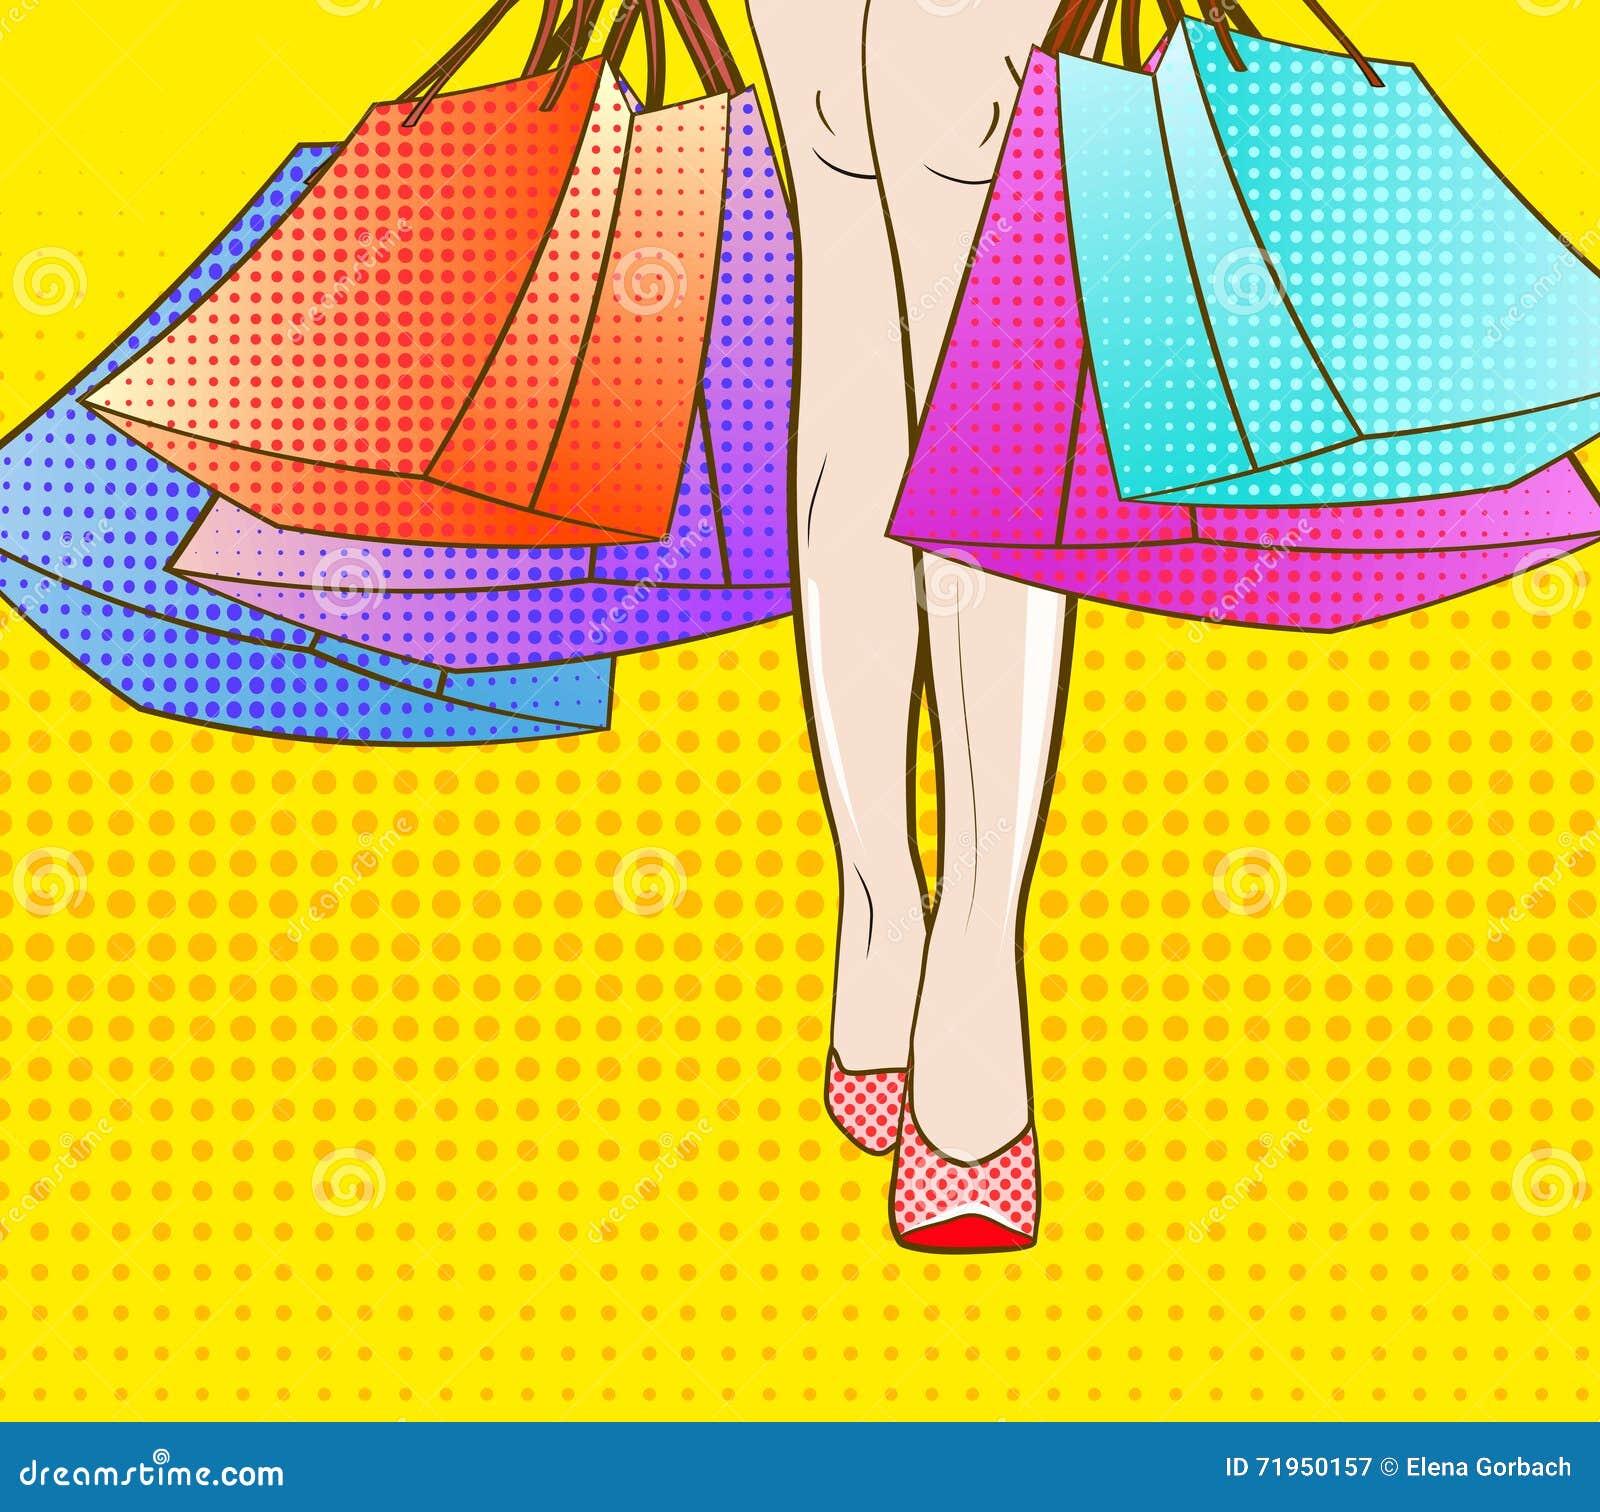 Gå låt s-shopping för illustrationsköld för 10 eps vektor stil för popkonst svarta fredag säsongsbetonad försäljning för höst för